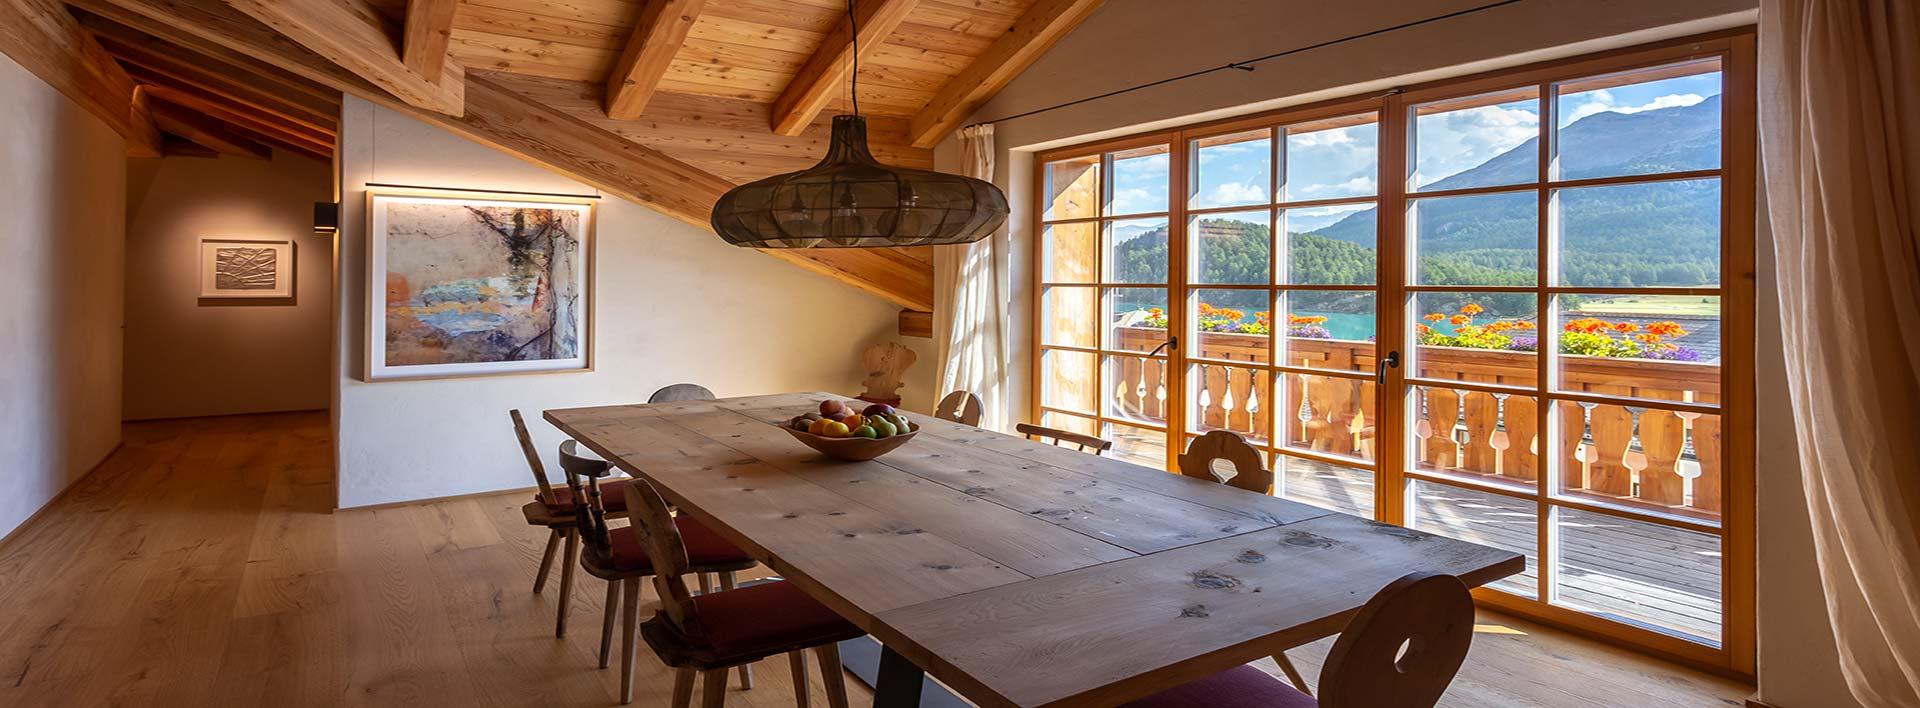 Progetto immobiliare - immagine salotto - Sonne Silvaplana